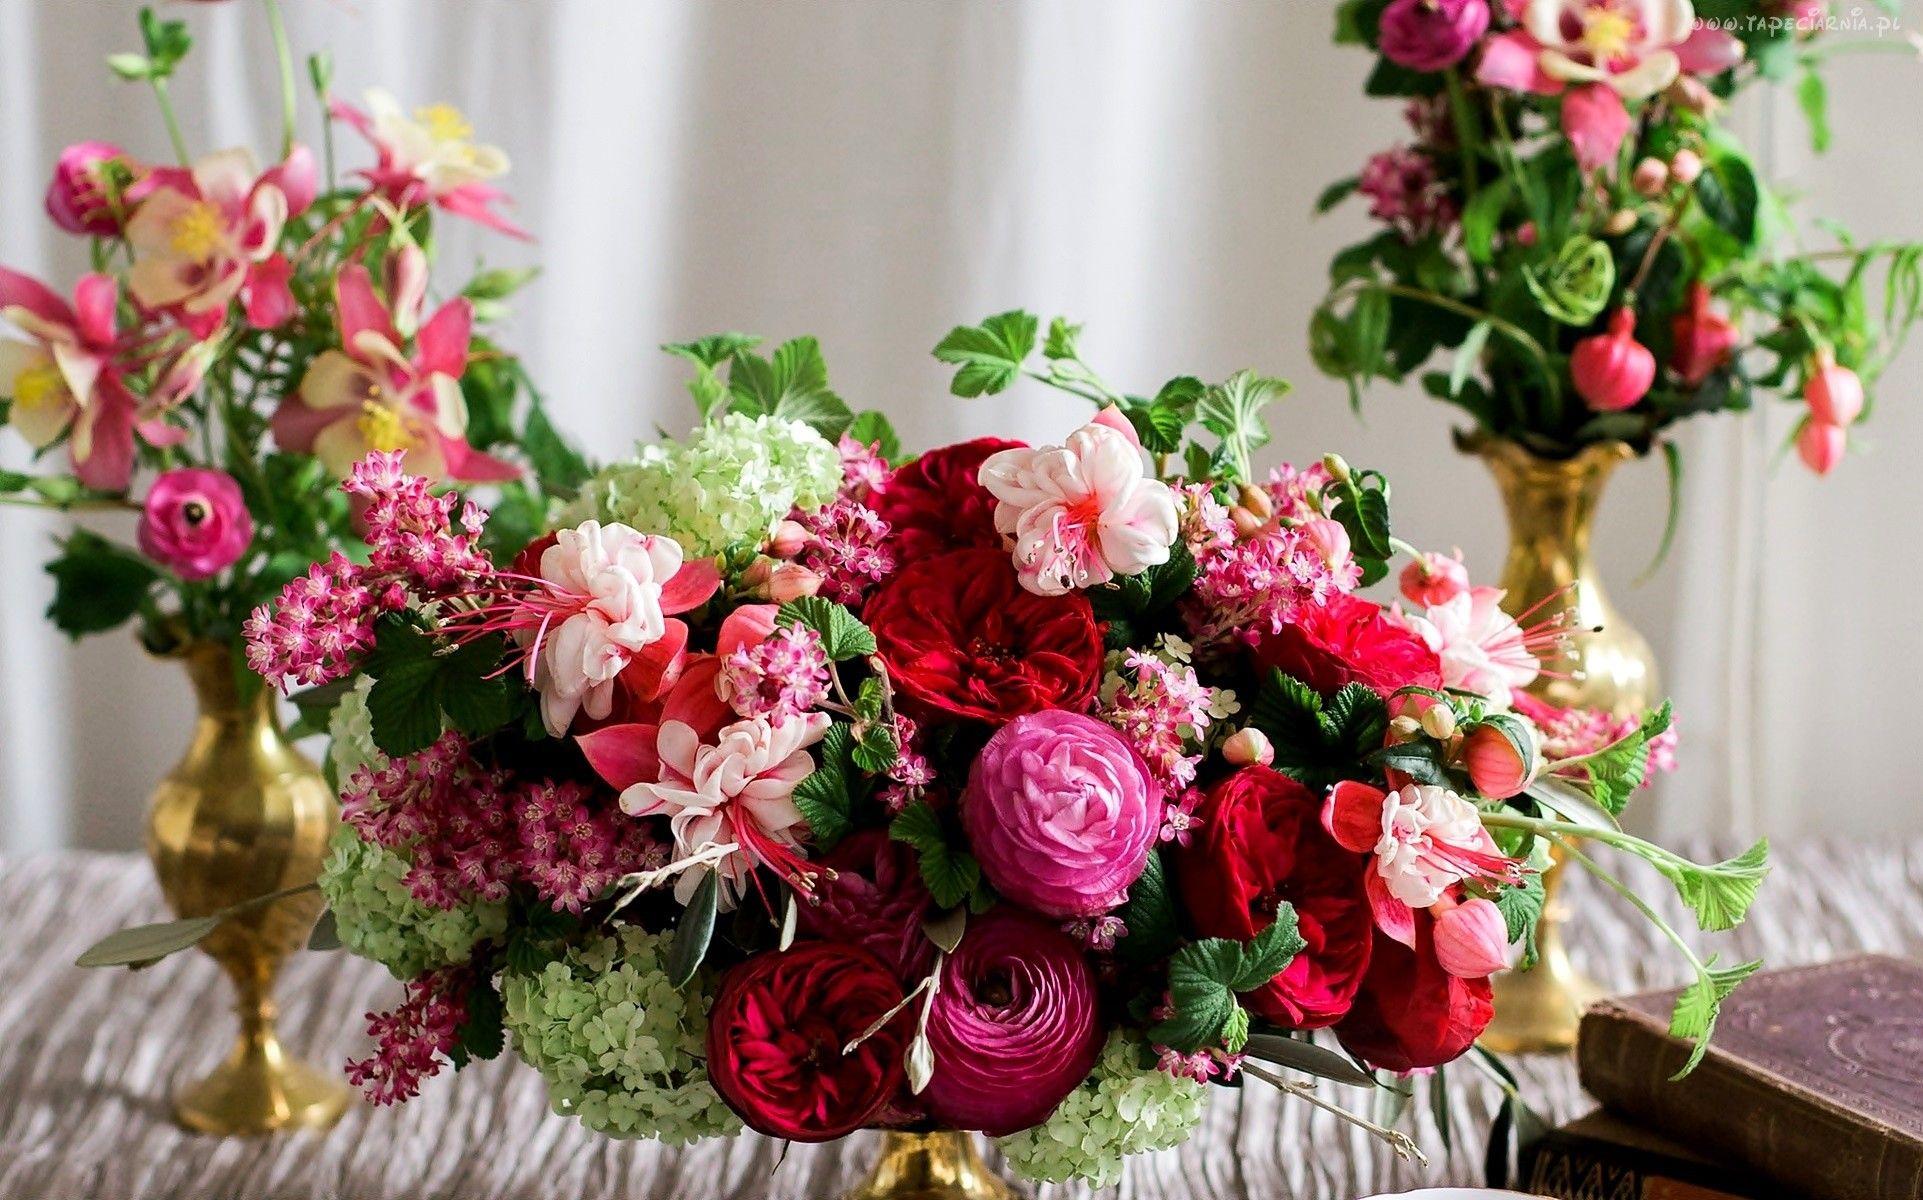 Jaskry Fuksje Roze Kolorowe Bukiety Kwiatow Fotos De Flores Rosas Flores